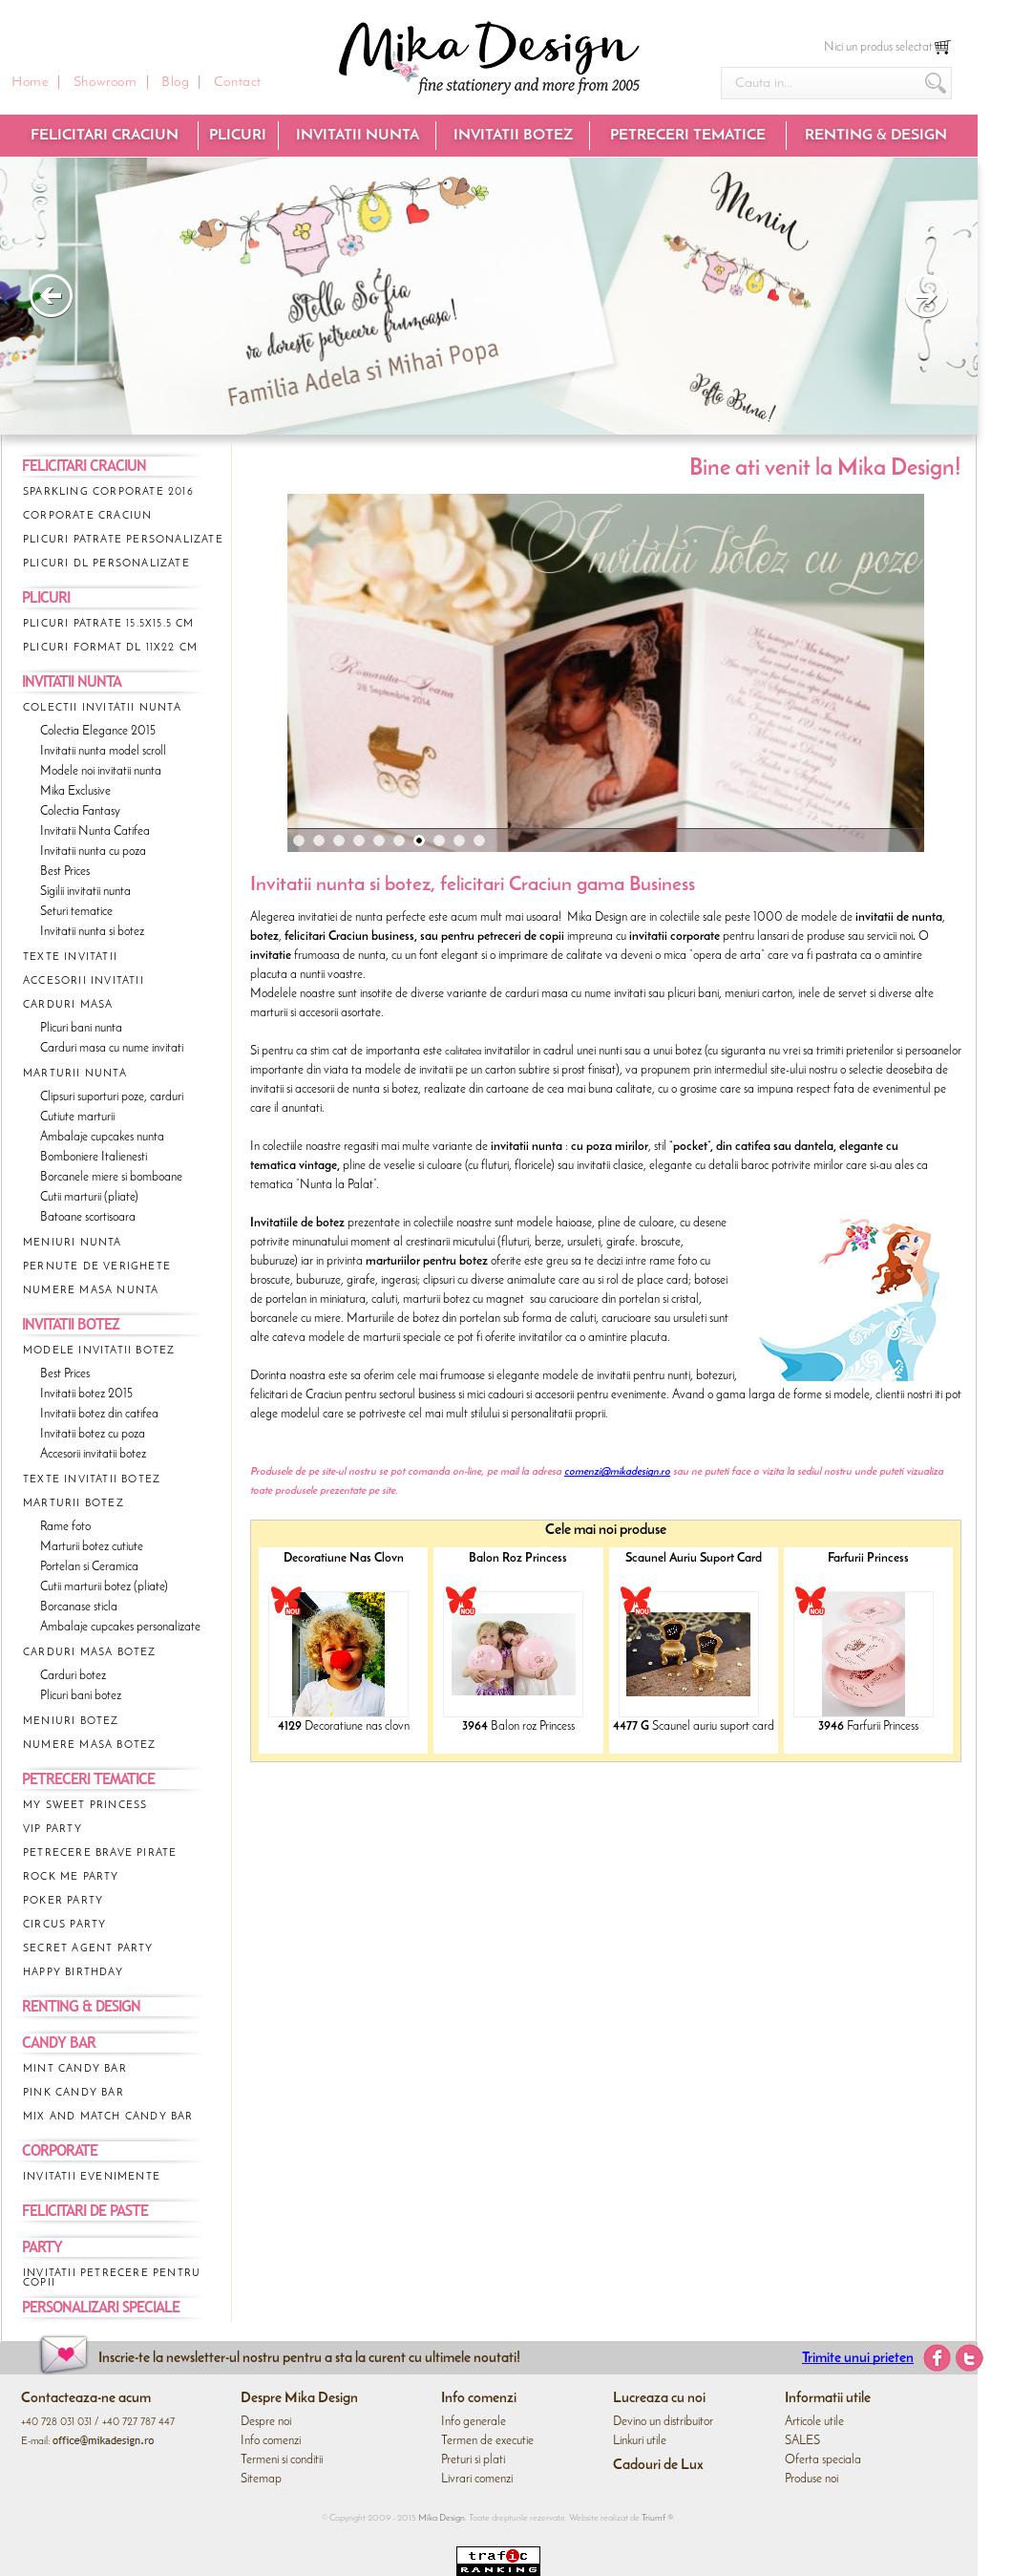 Mika Design Invitatii Nunta Si Botez Competitors Revenue And